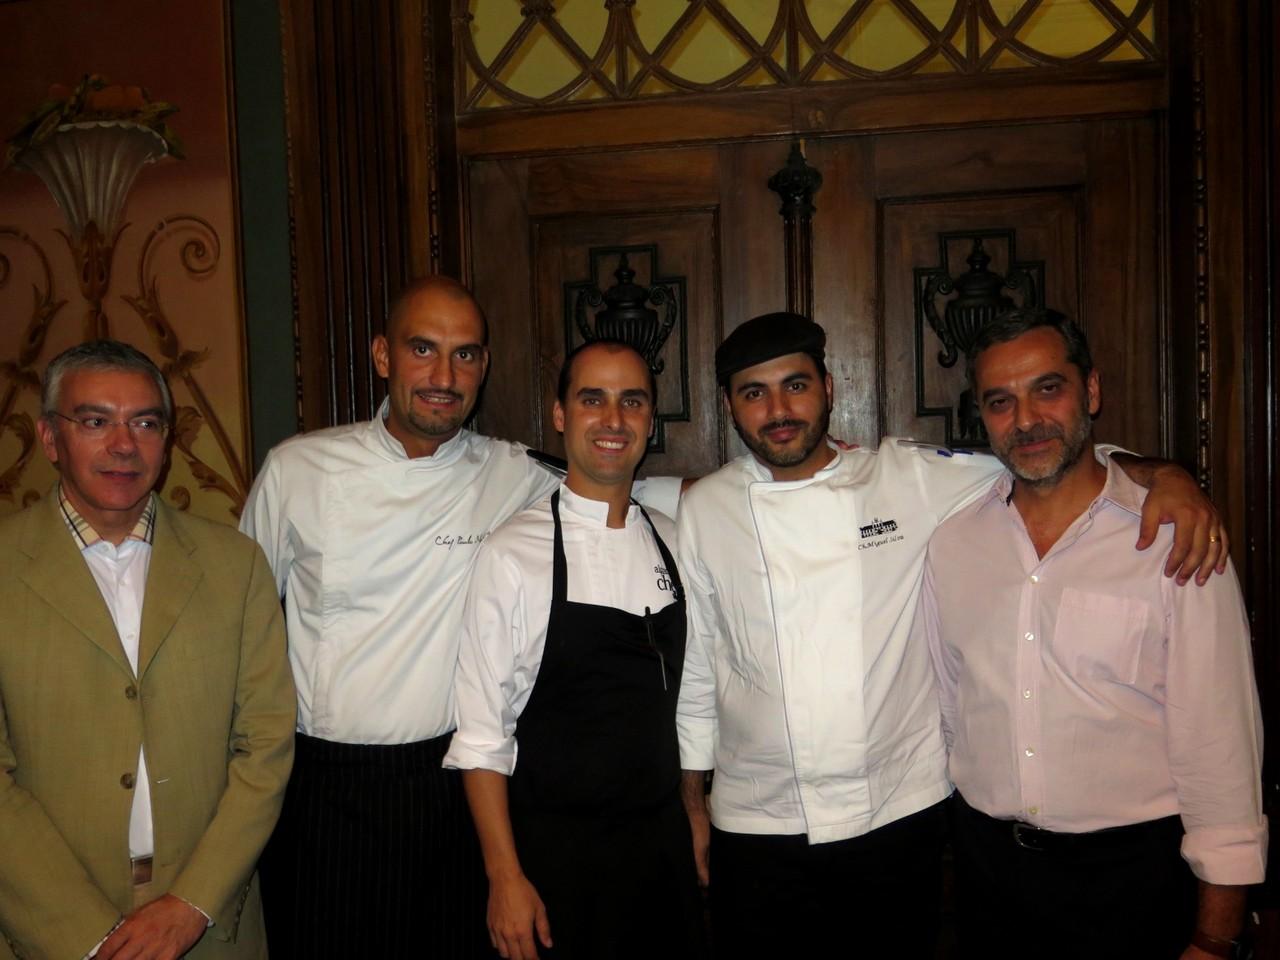 Paulo Teixeira de Carvalho, Paulo Matias, Bruno Rocha, Miguel Silva, José Gomes